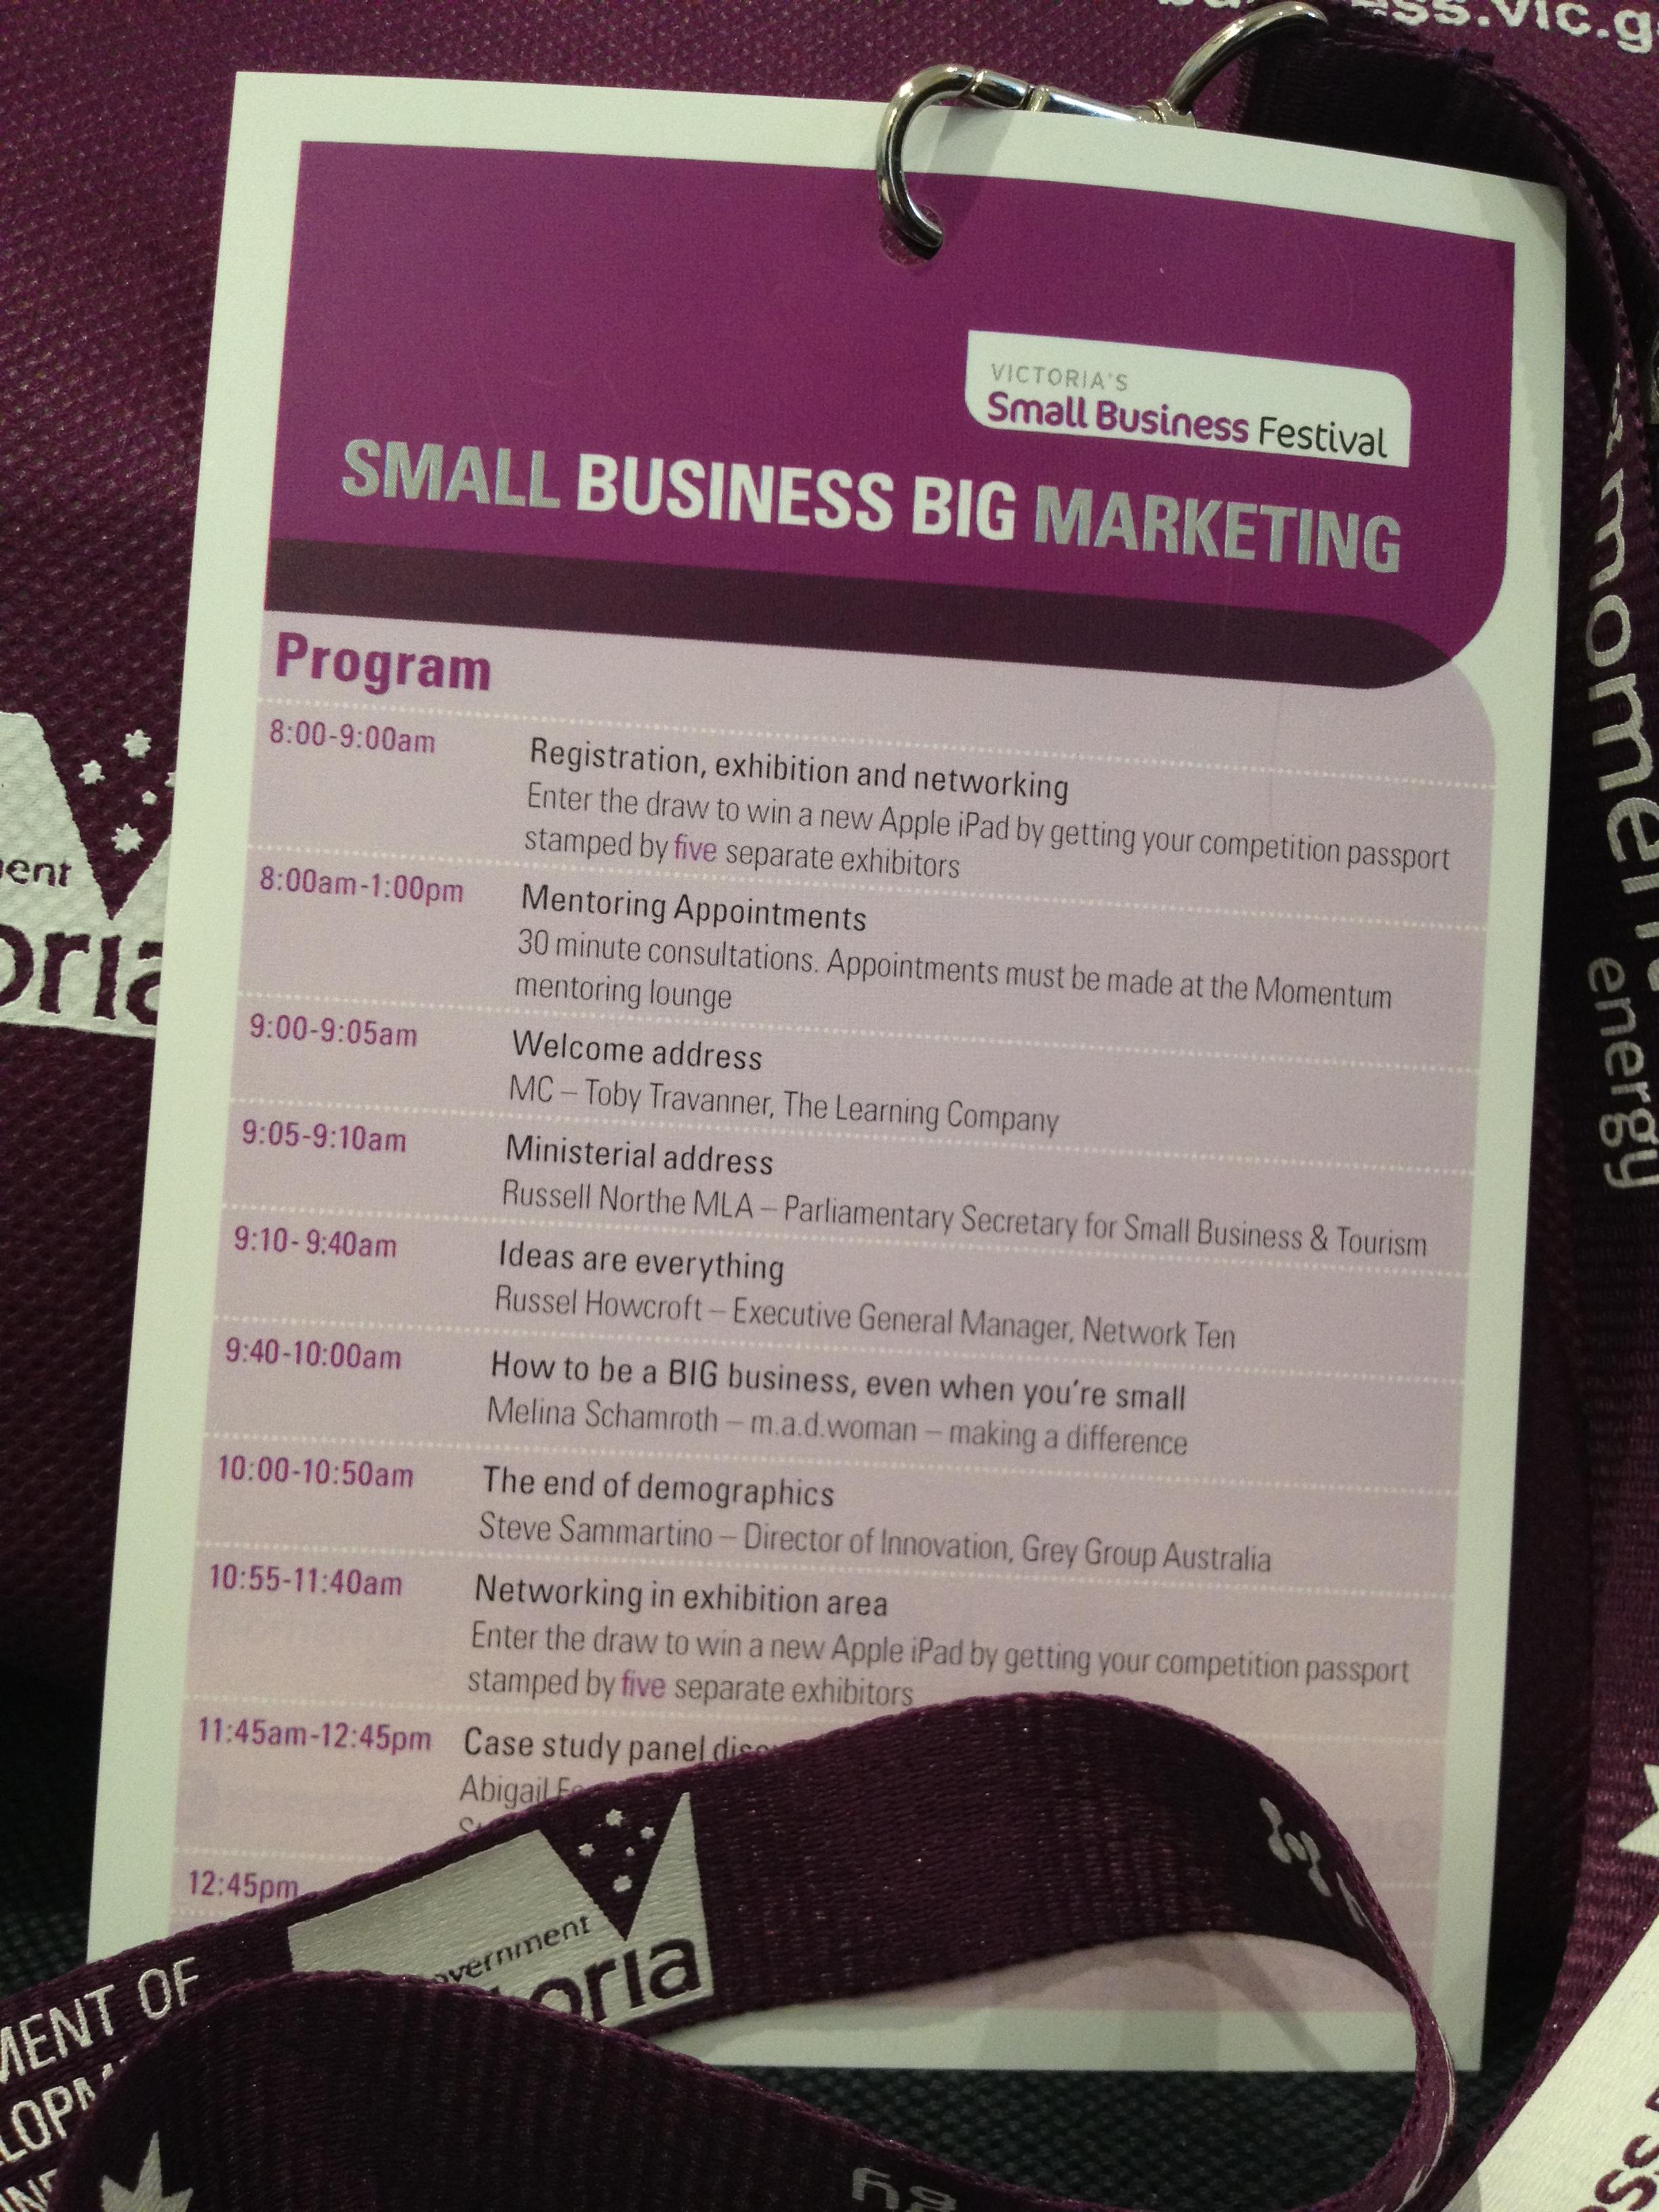 Victoria's Small Business Festival